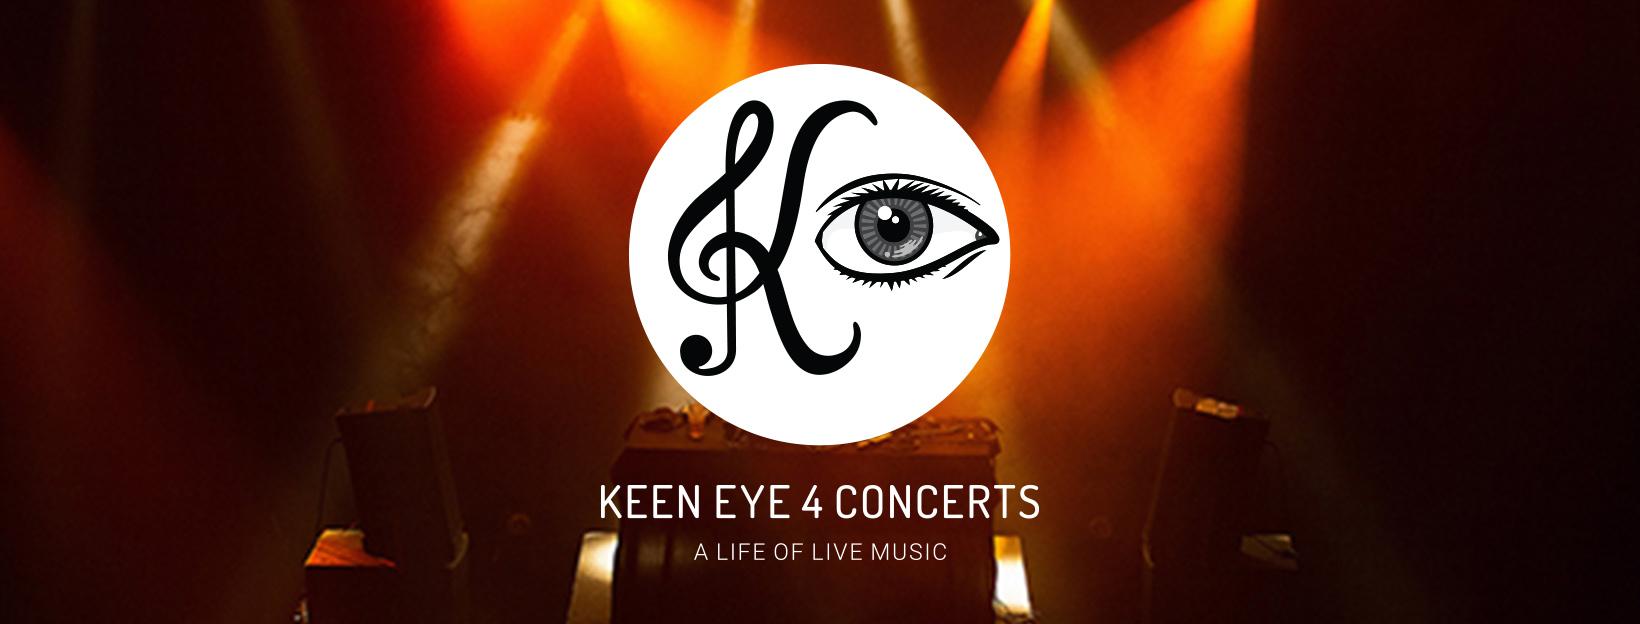 KE4C_Assets_Facebook_Cover.jpg